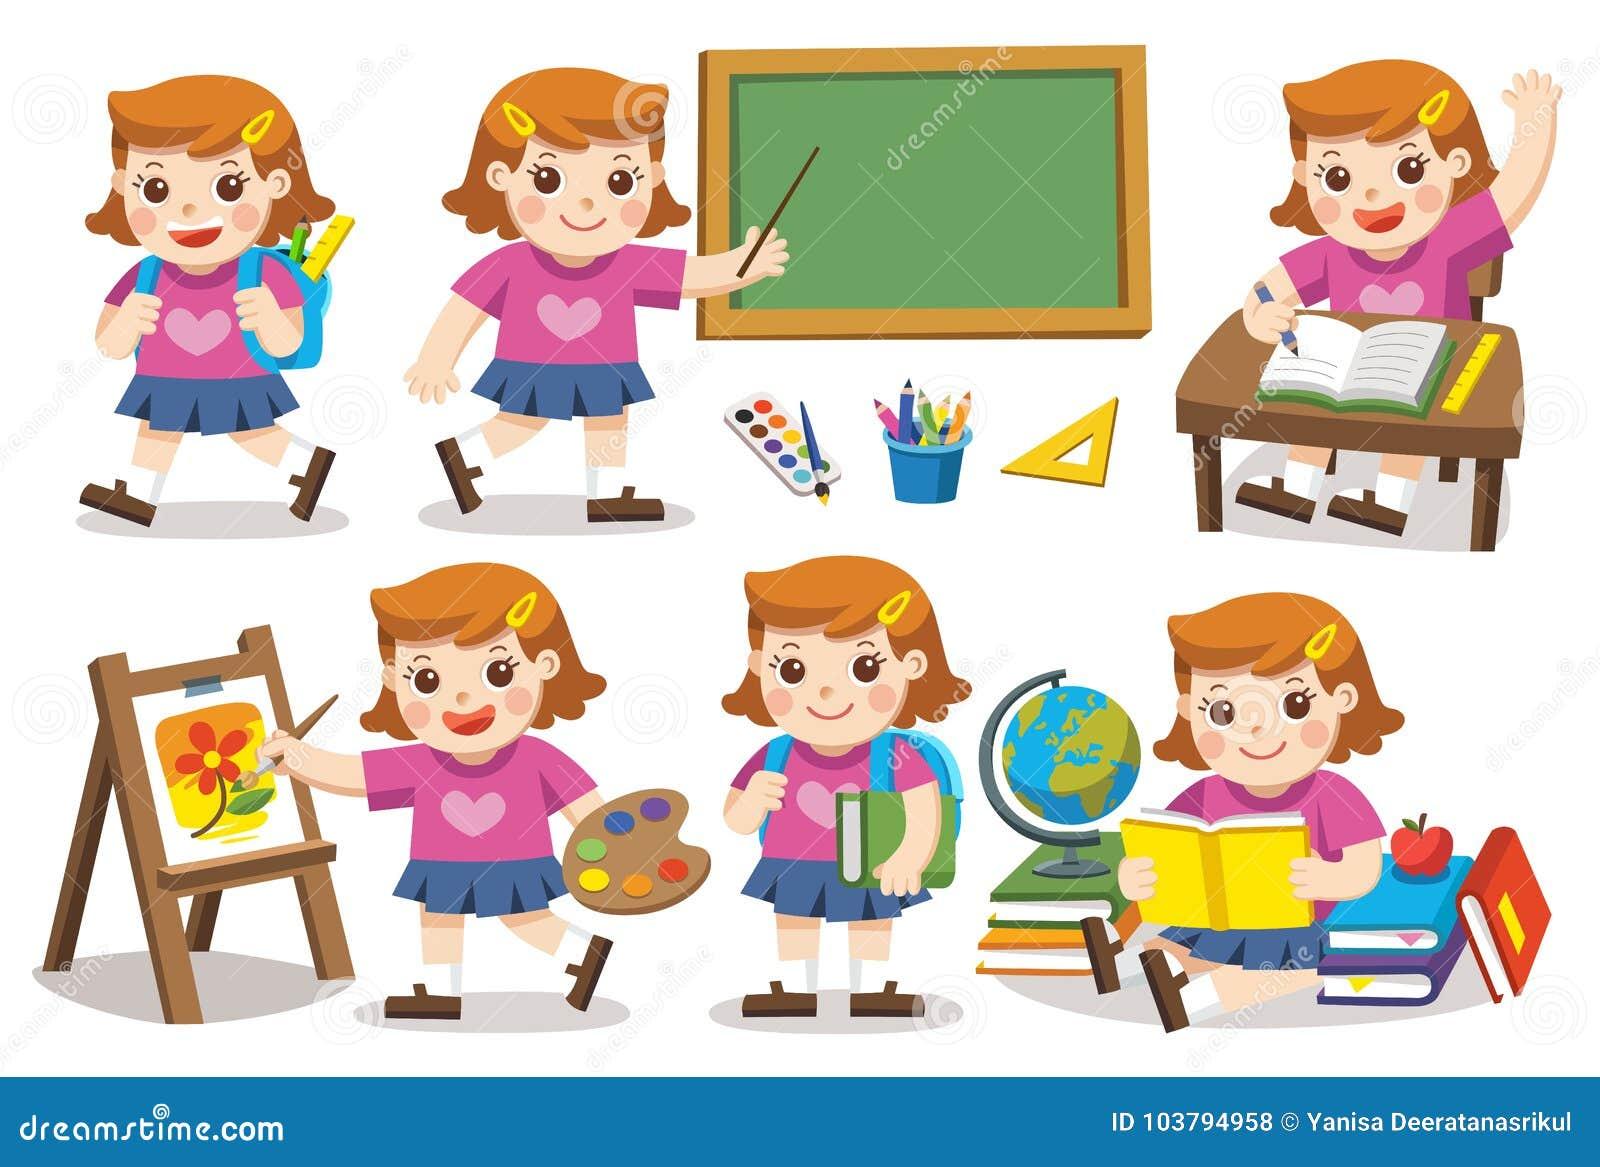 Back to school. Cute Girl study in school.